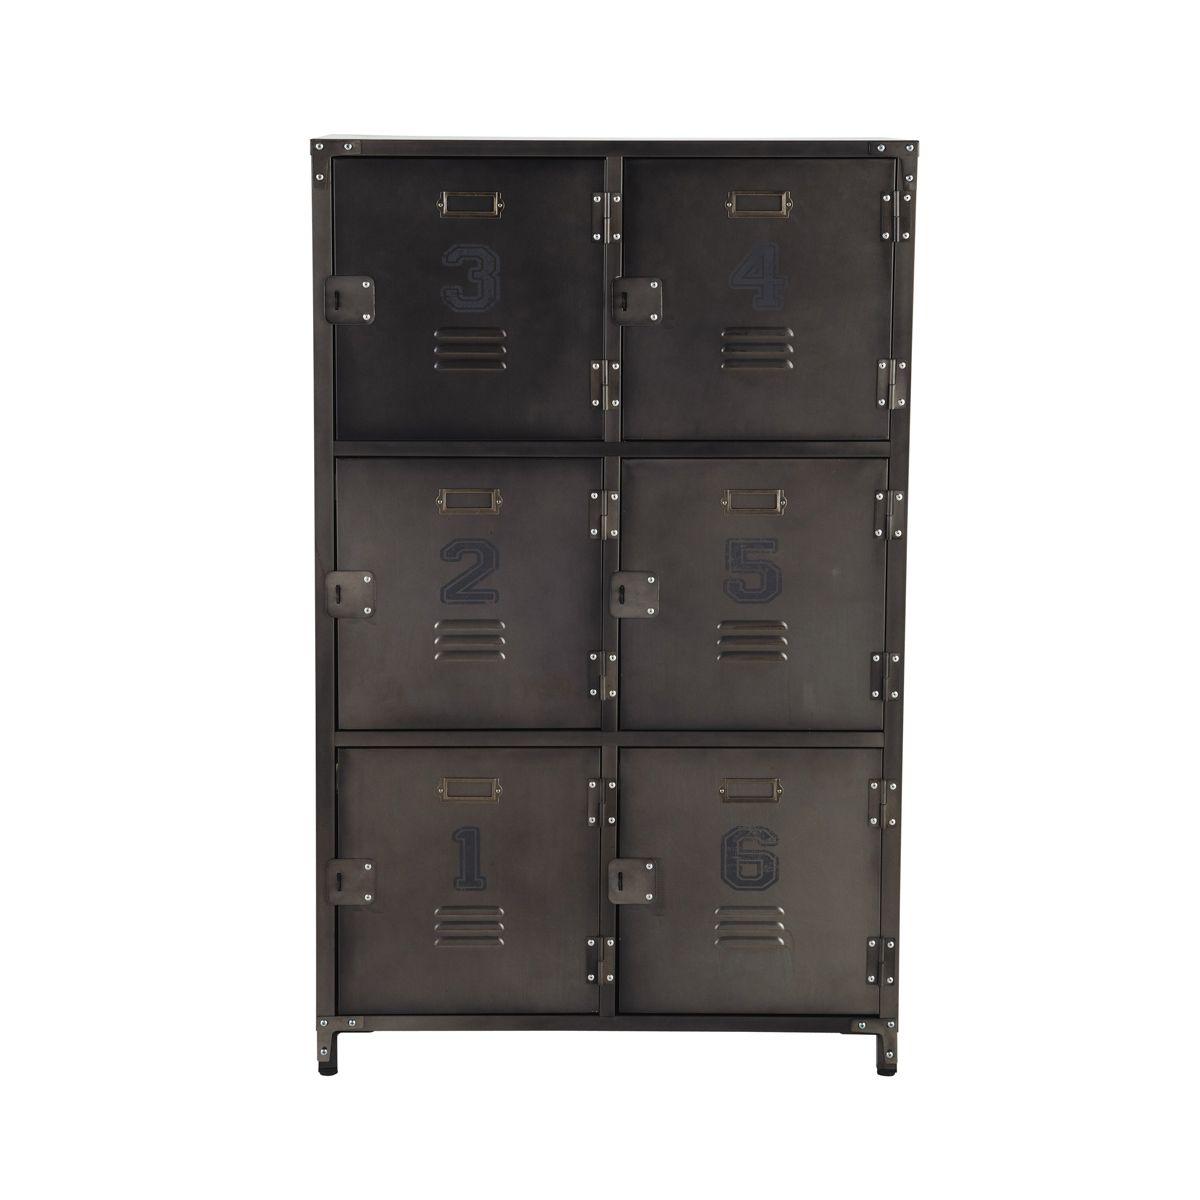 Bargue o de metal de estilo industrial 6 cajones andrews 120x75x35 decoracion pinterest - Cajonera estilo industrial ...